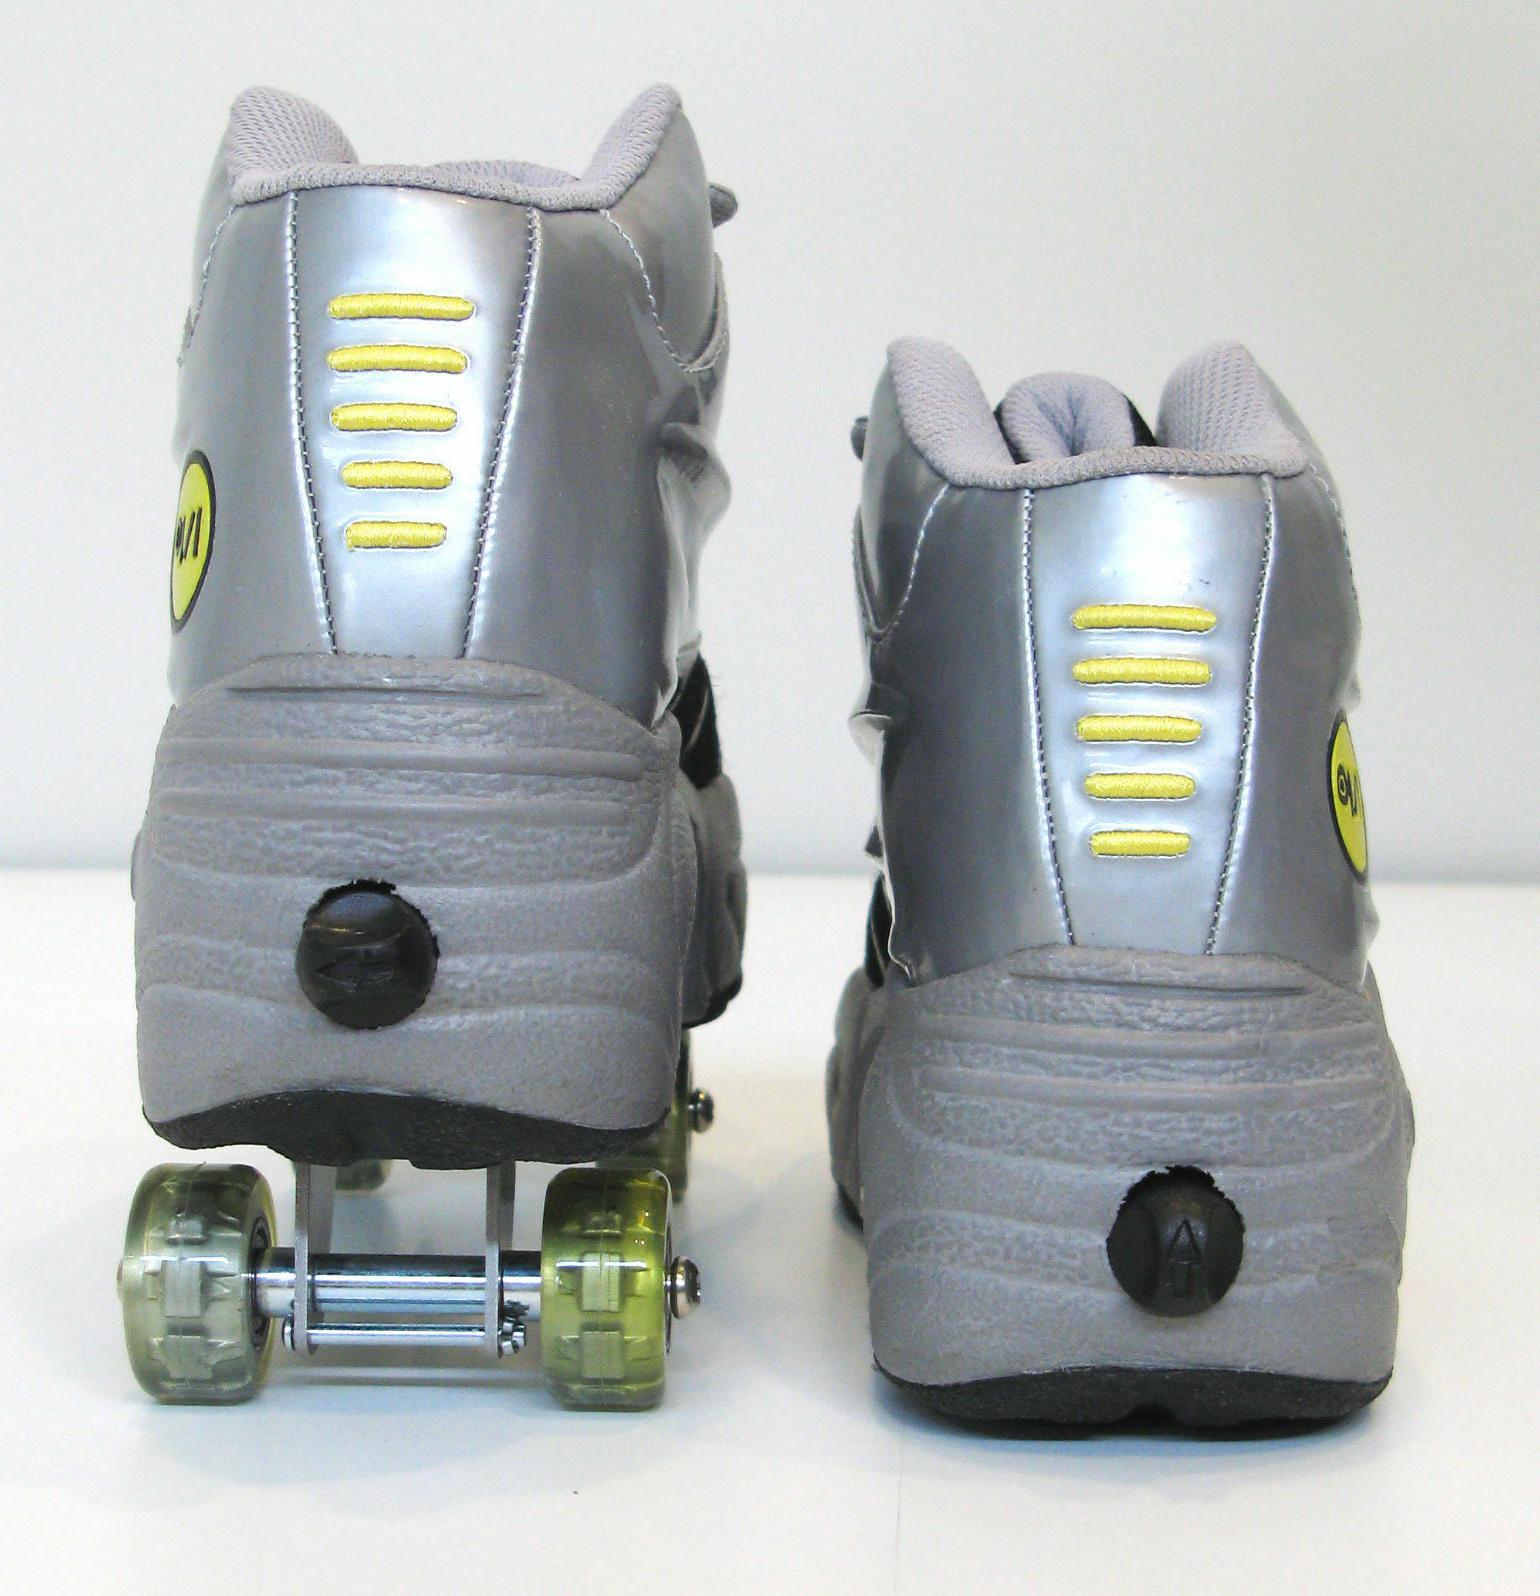 UNIQUE Quad Skates retractable WALKnROLL Silver/Grey SHIP